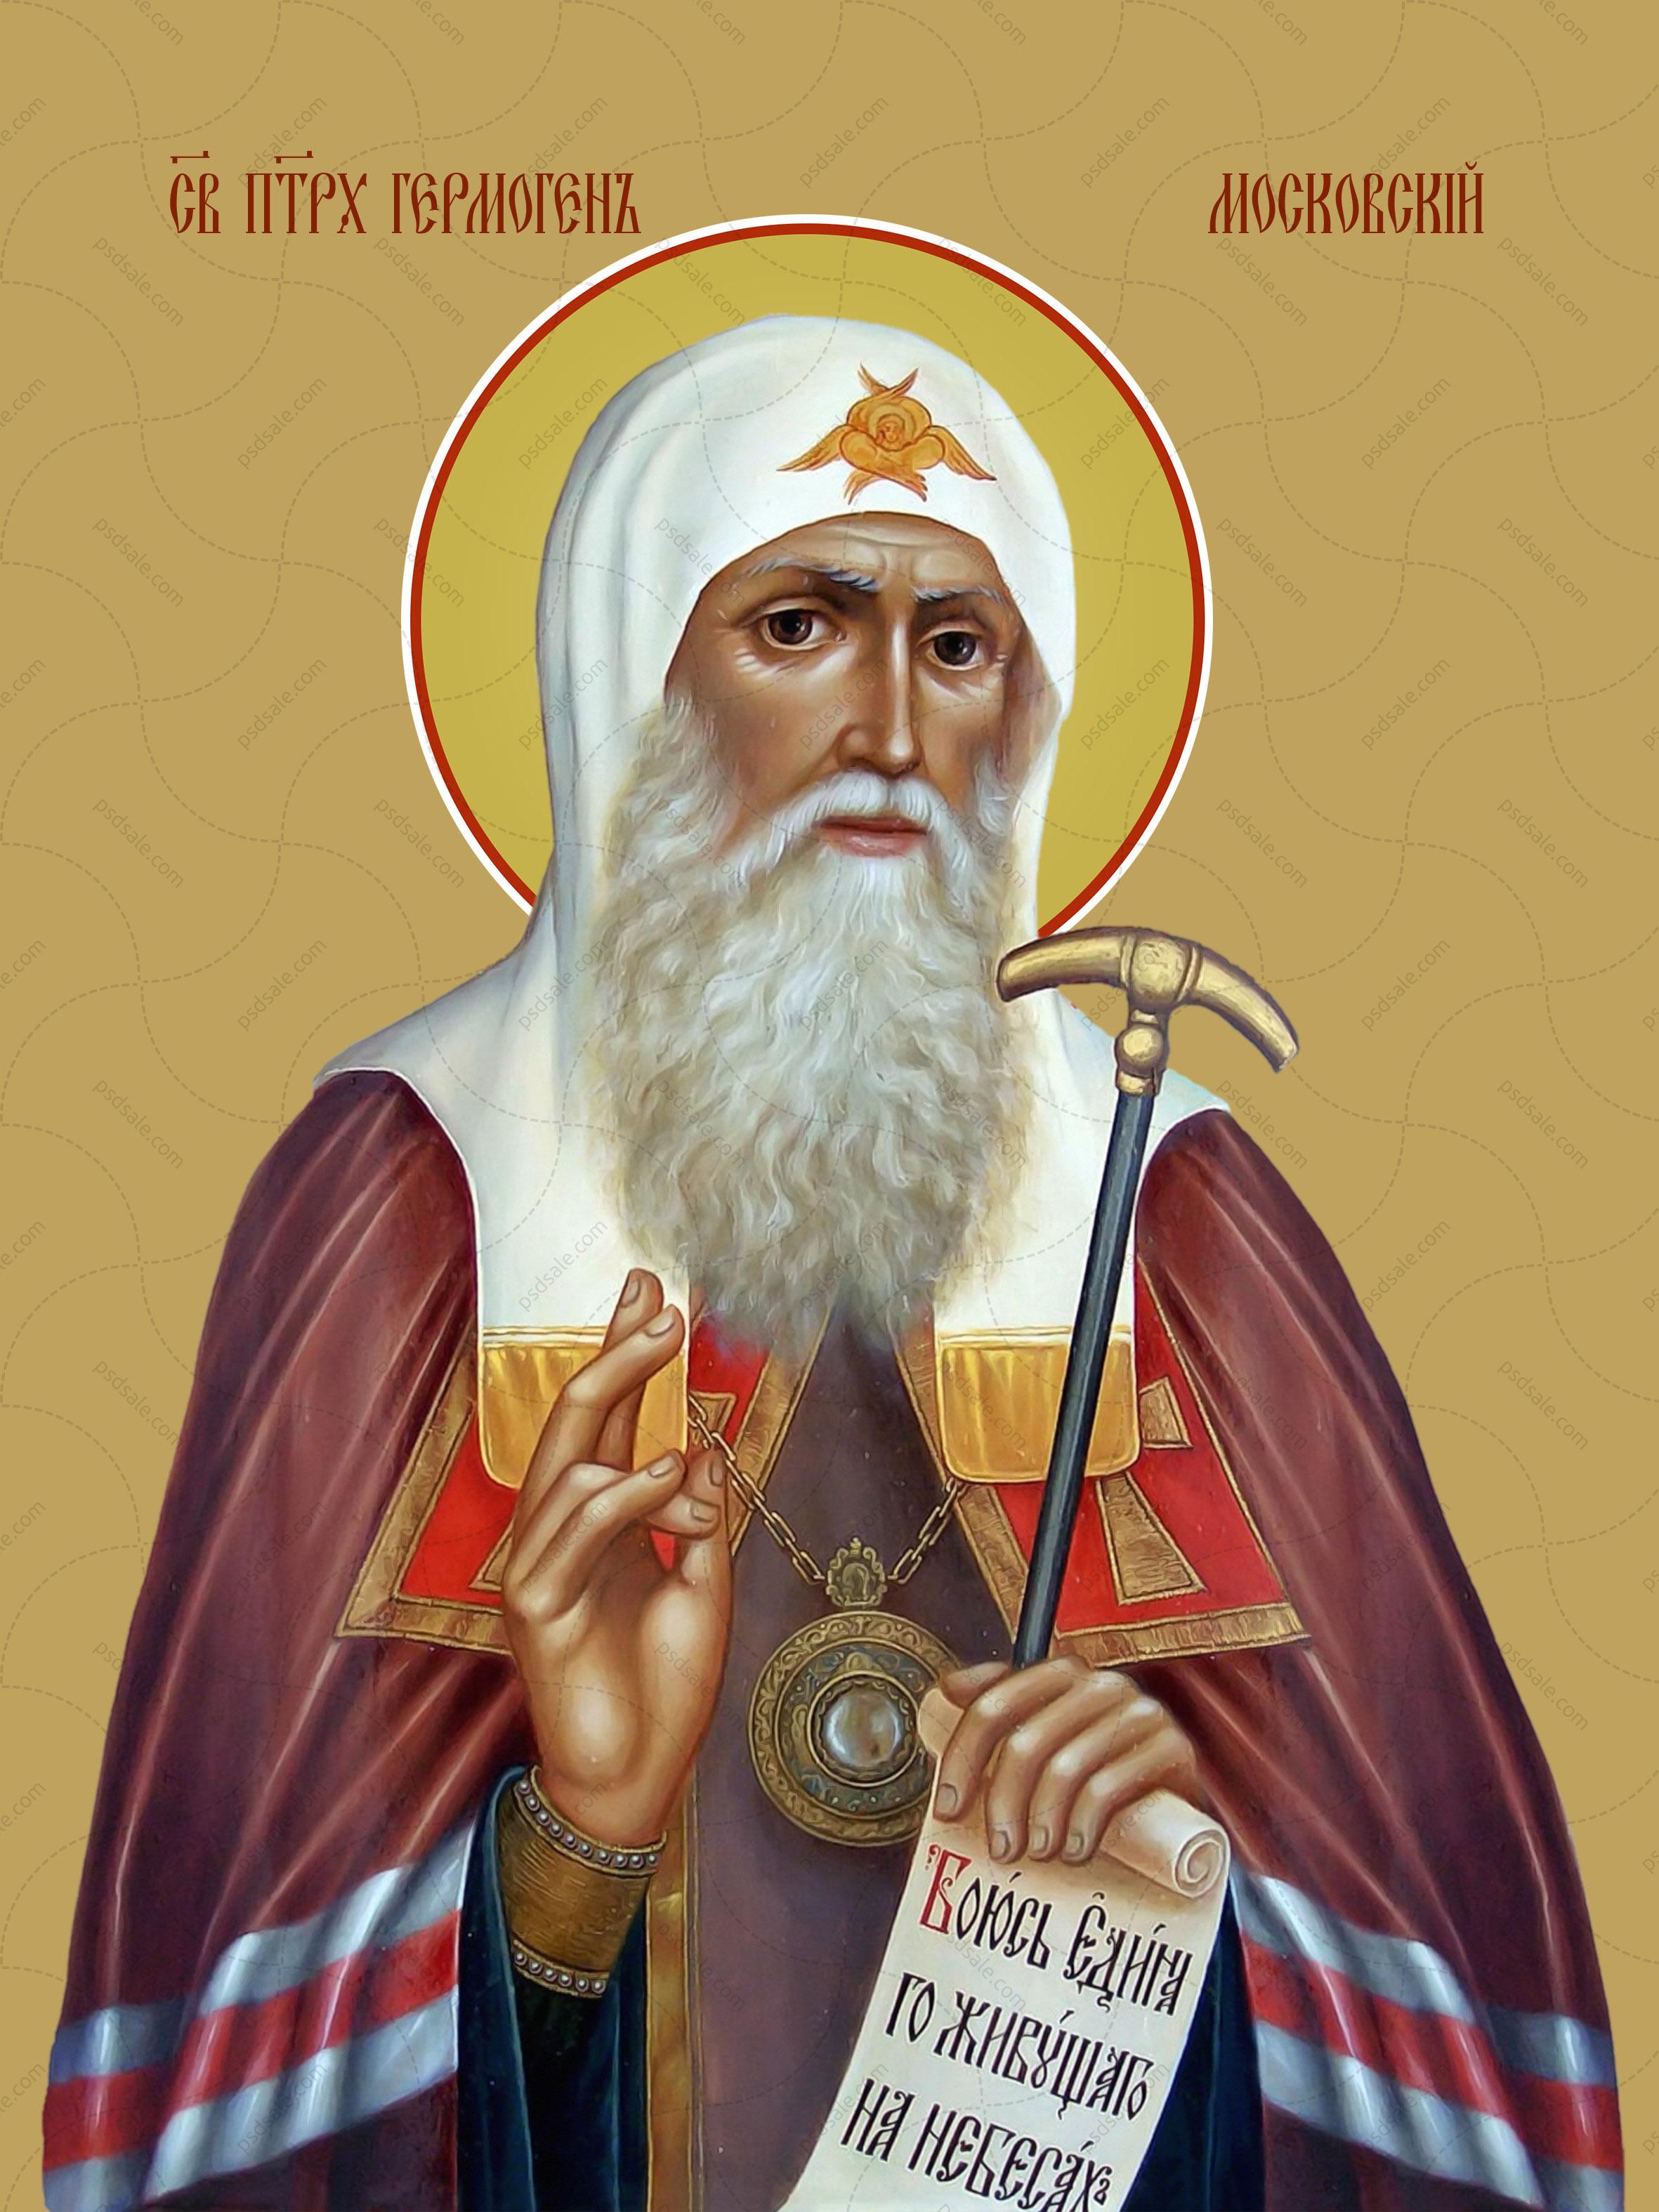 Гермоген, патриарх Московский